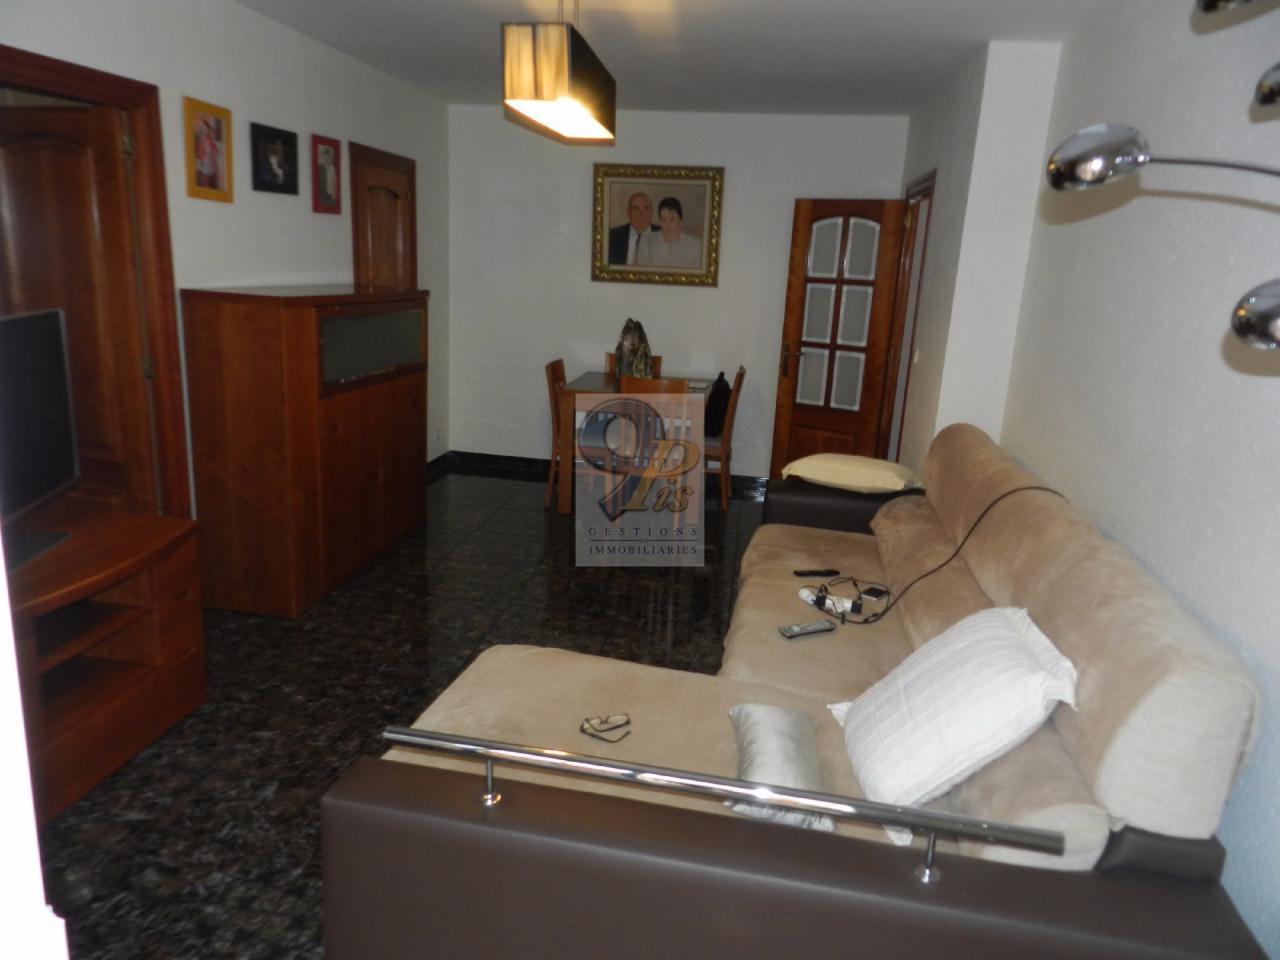 9pis Gestions Immobili Ries Piso En Venta En Cerdanyola 08303  # Muebles Cerdanyola